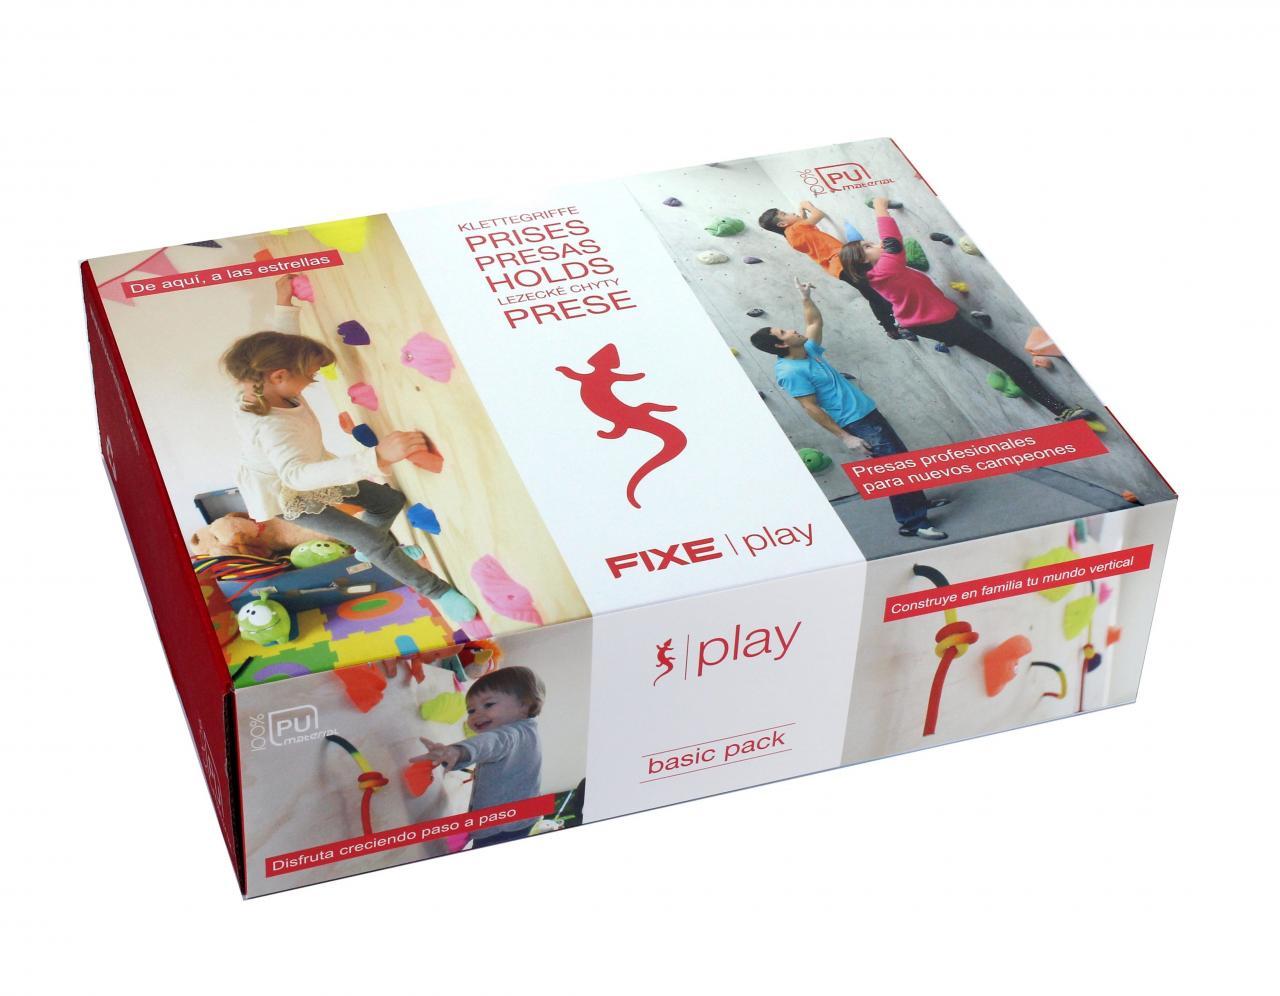 Kletterausrüstung Set Kinder : Kinder klettergriffe set kit fixe play basic kibuba abenteuer